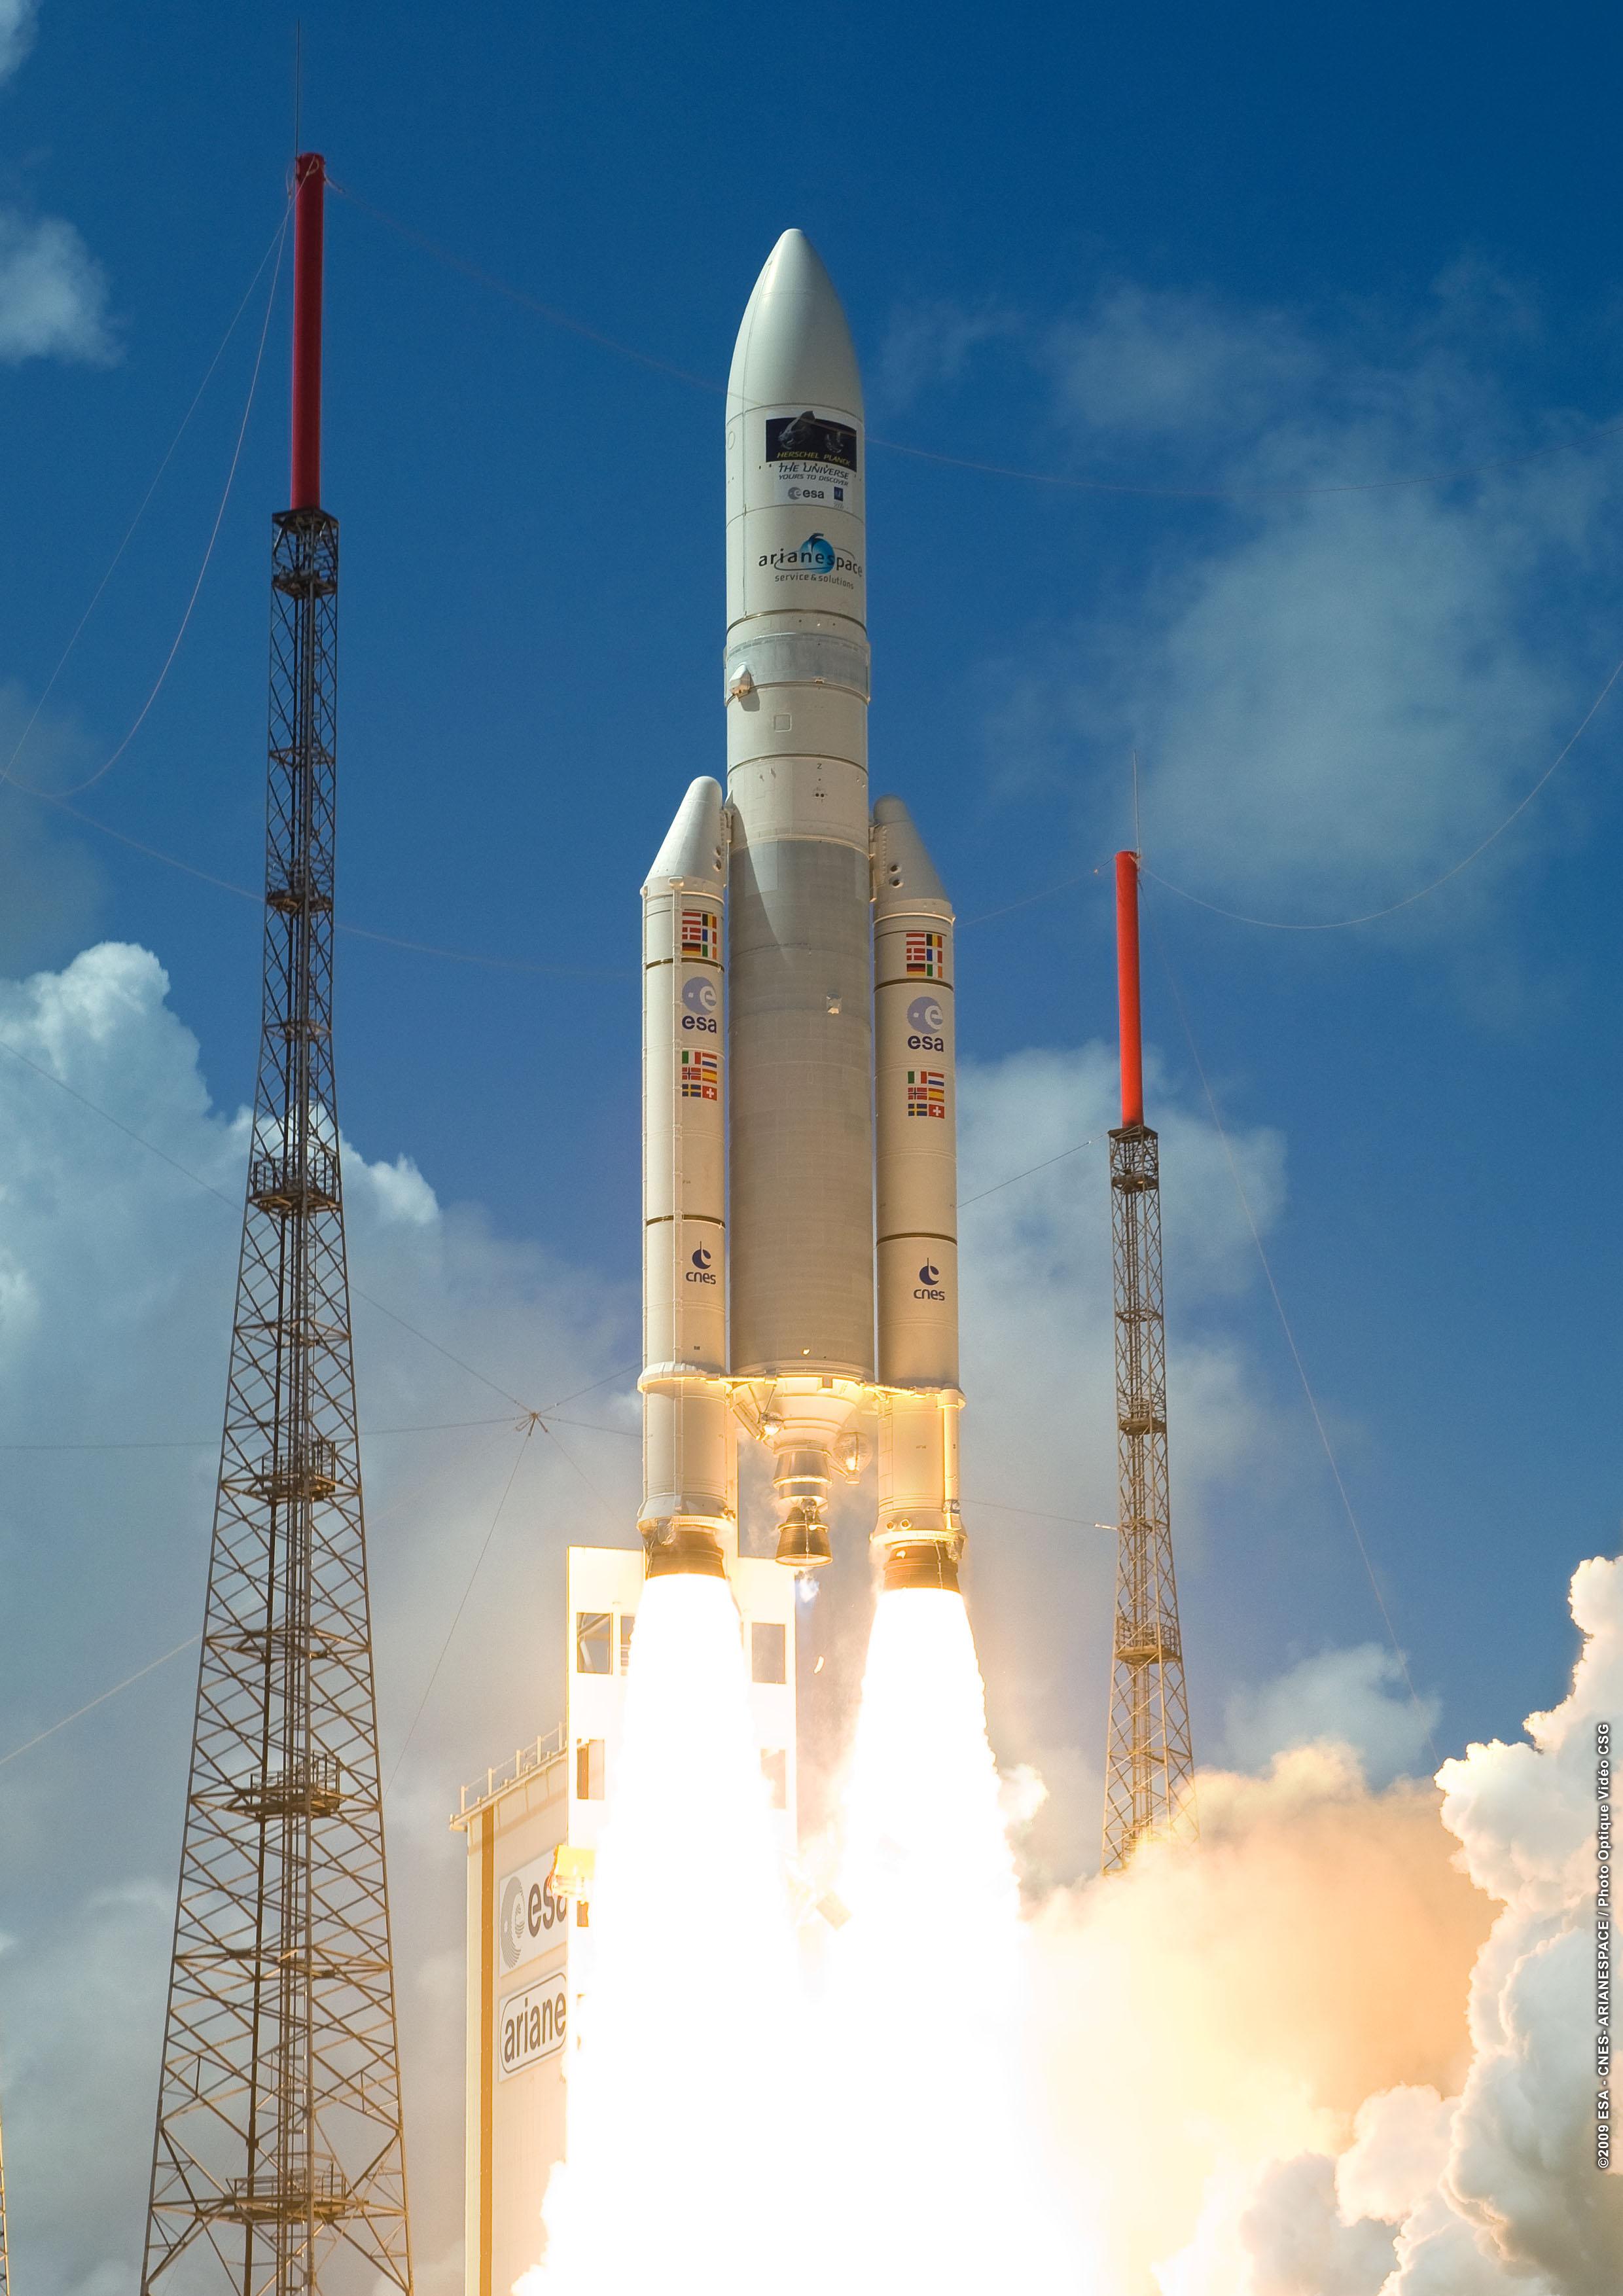 Failure of Ariane 5 on emaze.